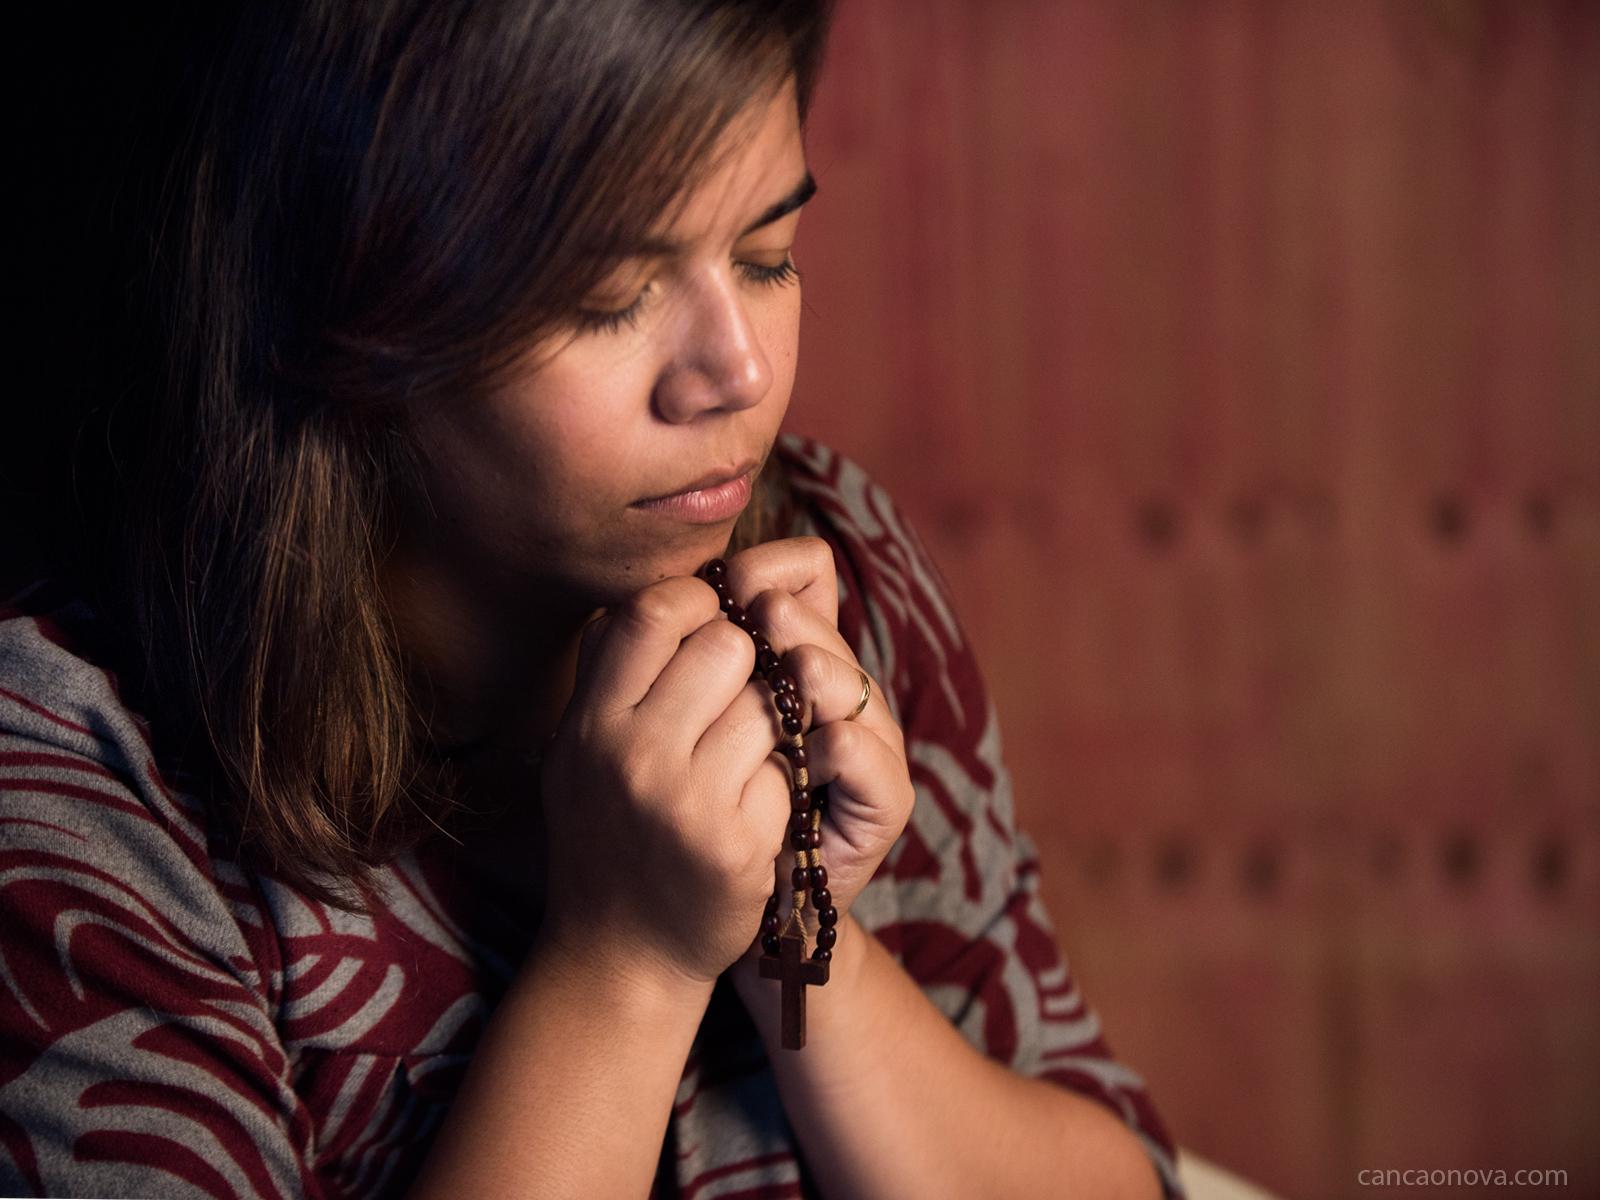 Confira três princípios espirituais contra a tribulação